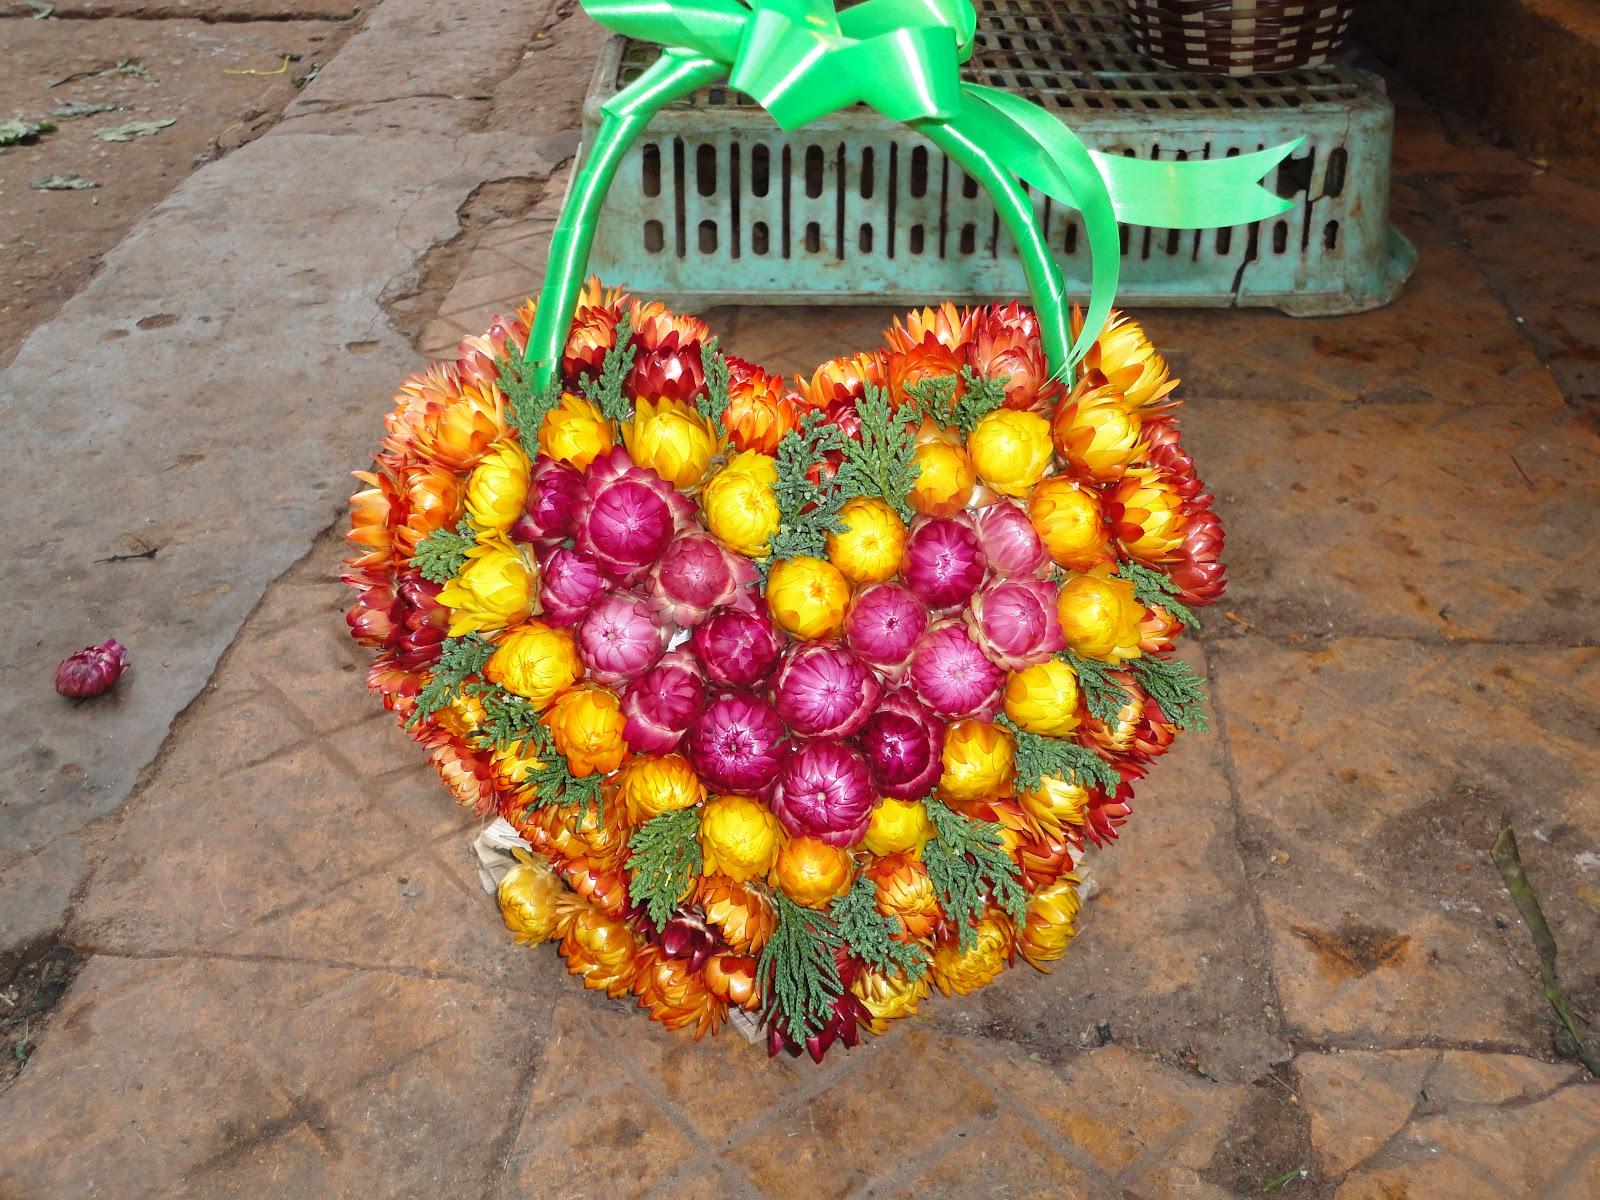 Giỏ hoa bất tử kết hình trái tim cực đẹp